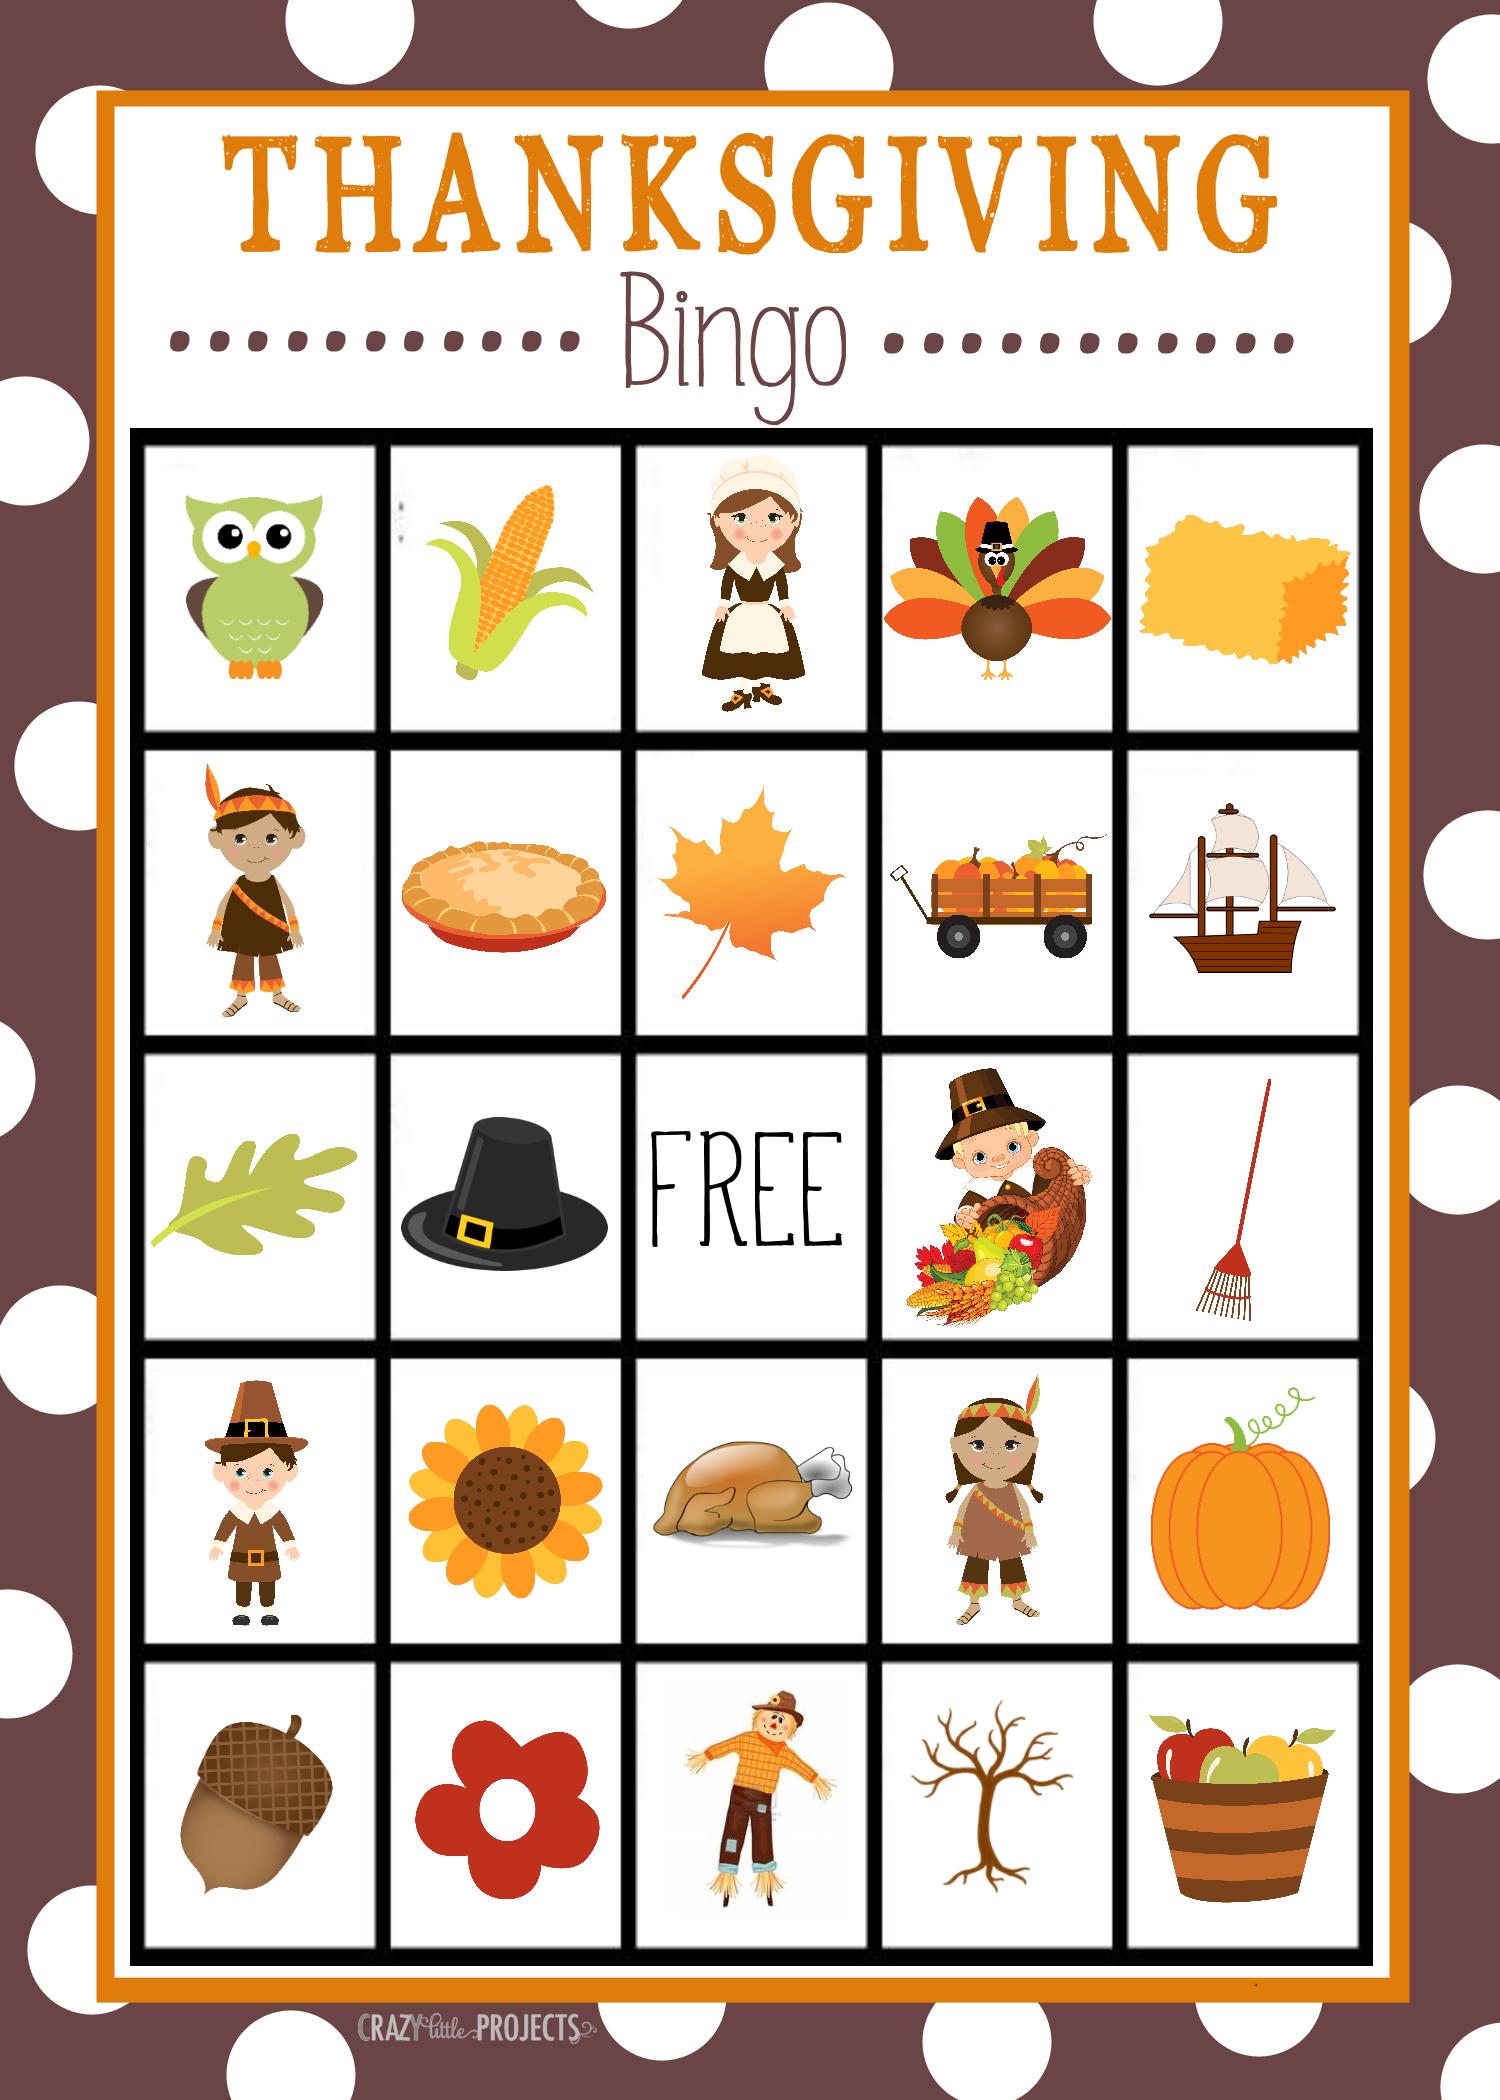 Free Printable Thanksgiving Bingo Game | Craft Time | Thanksgiving - Thanksgiving Games Printable Free